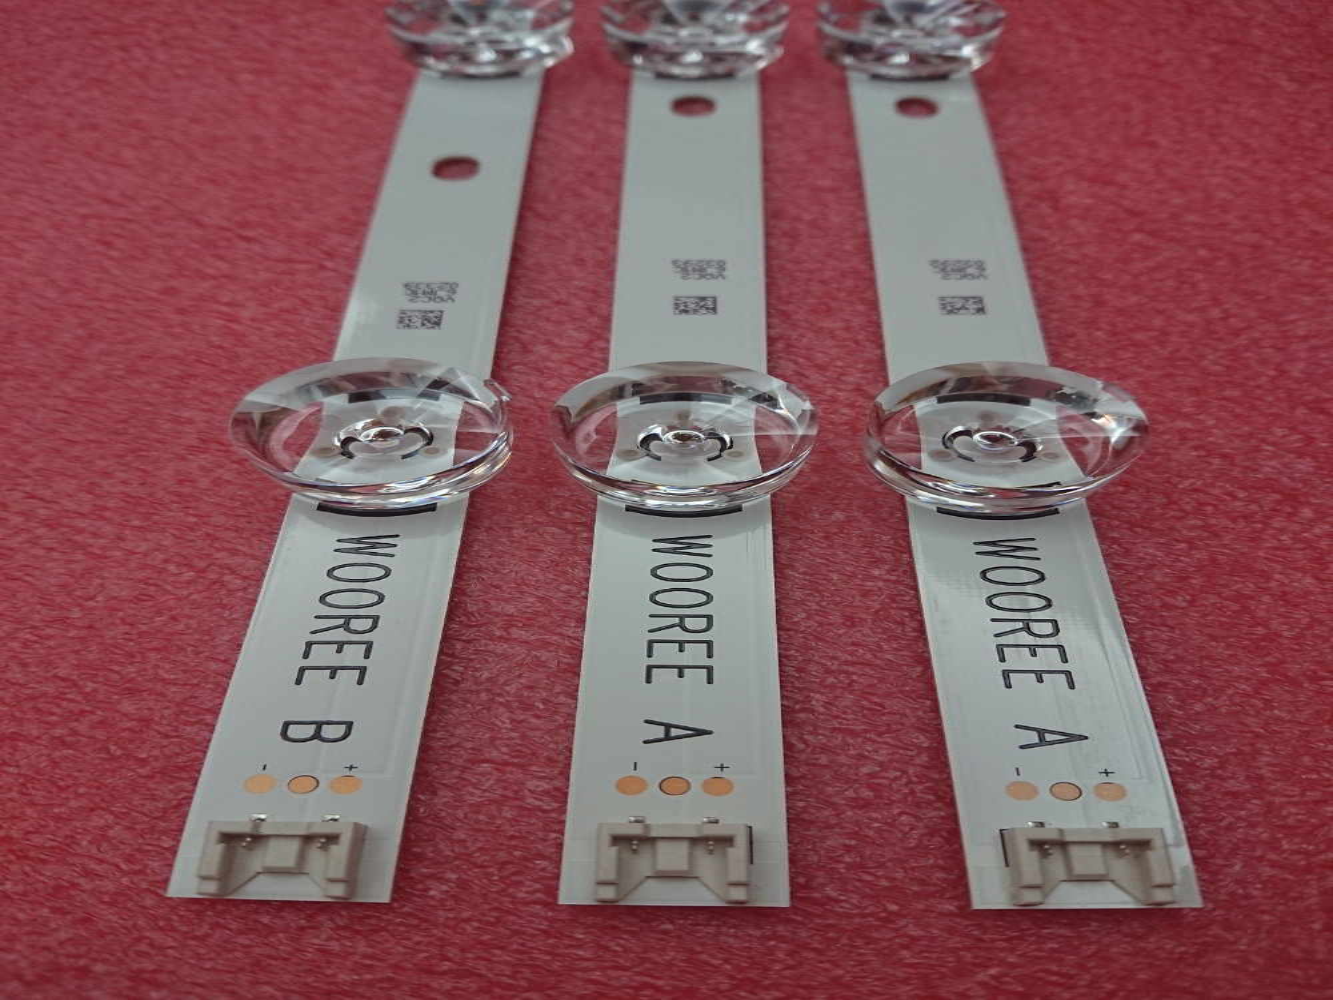 (Neue original) 3 stücke drt 3,0 32 zoll EINE B led-hintergrundbeleuchtung streifen für LG TV 32LB5610 6916l-1974A 1975A 2224A 0419D innotek WOREE EINE B